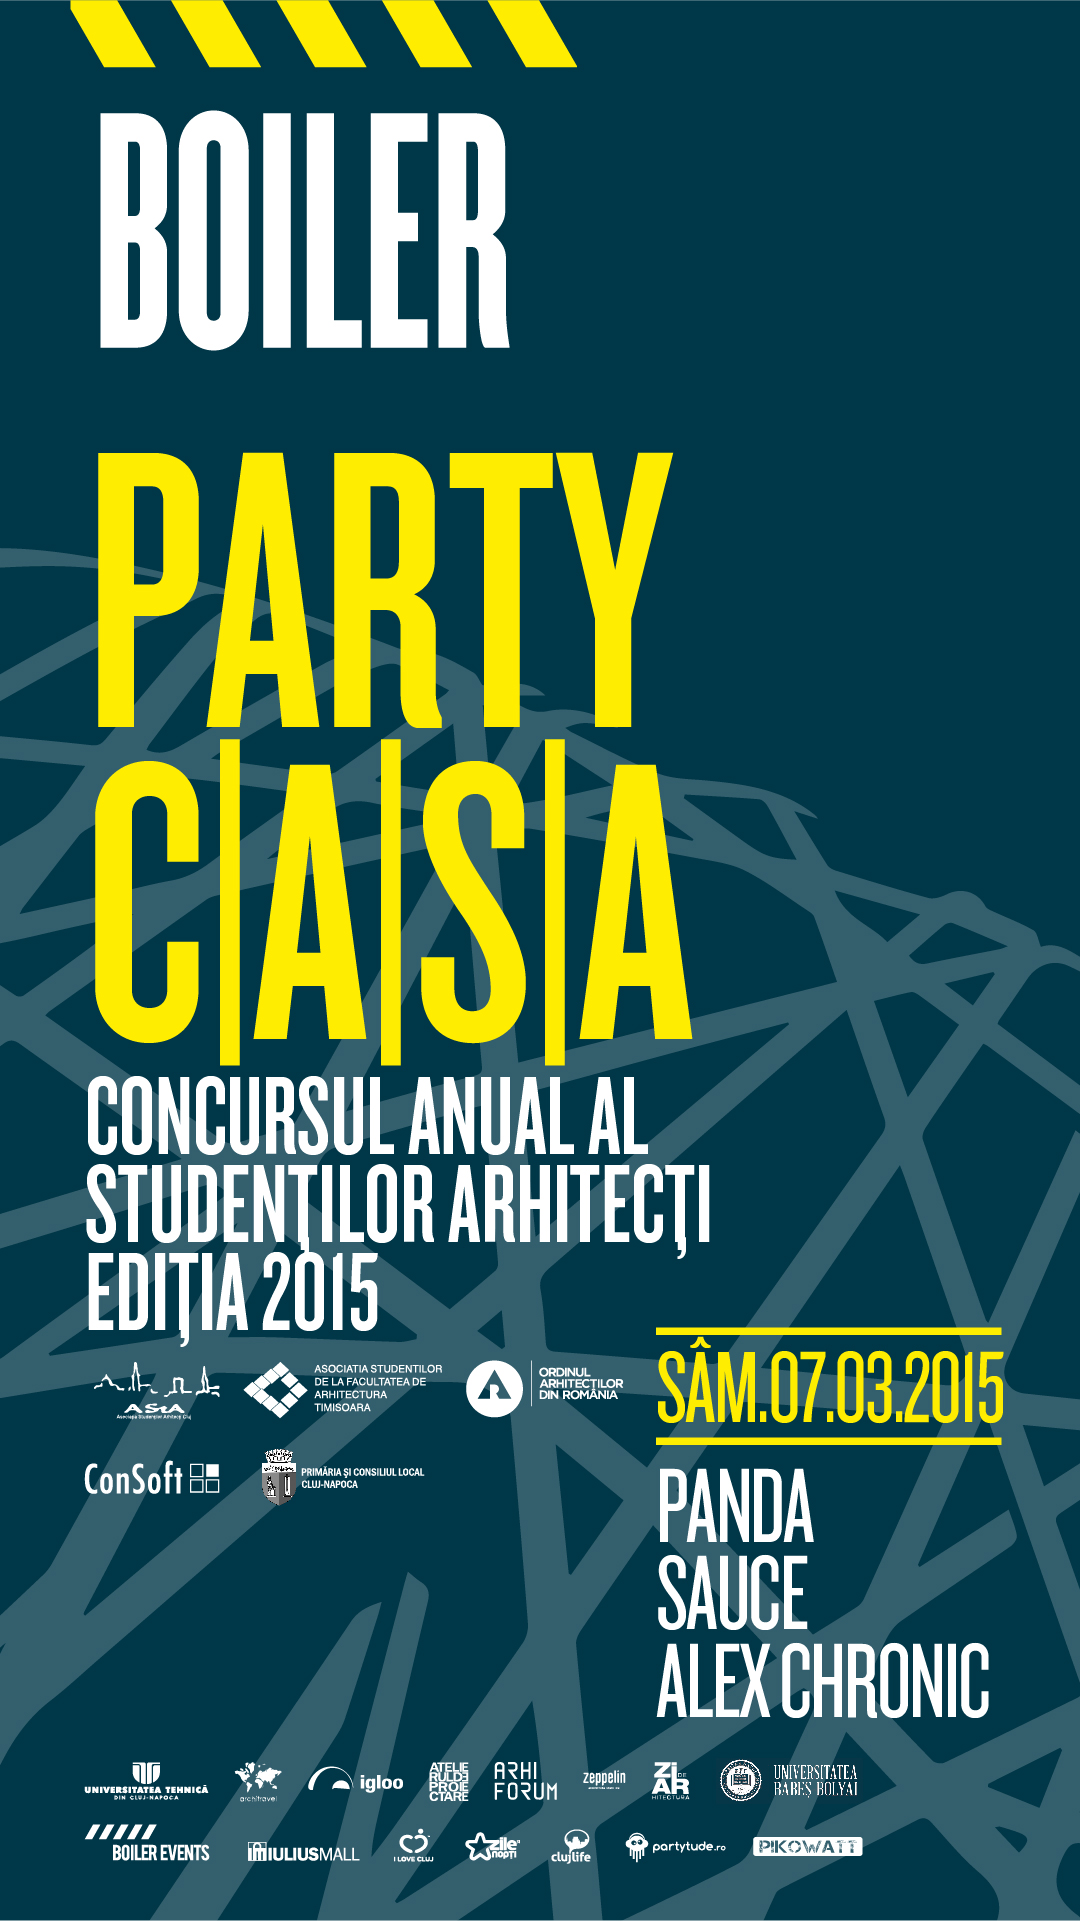 PARTY C|A|S|A